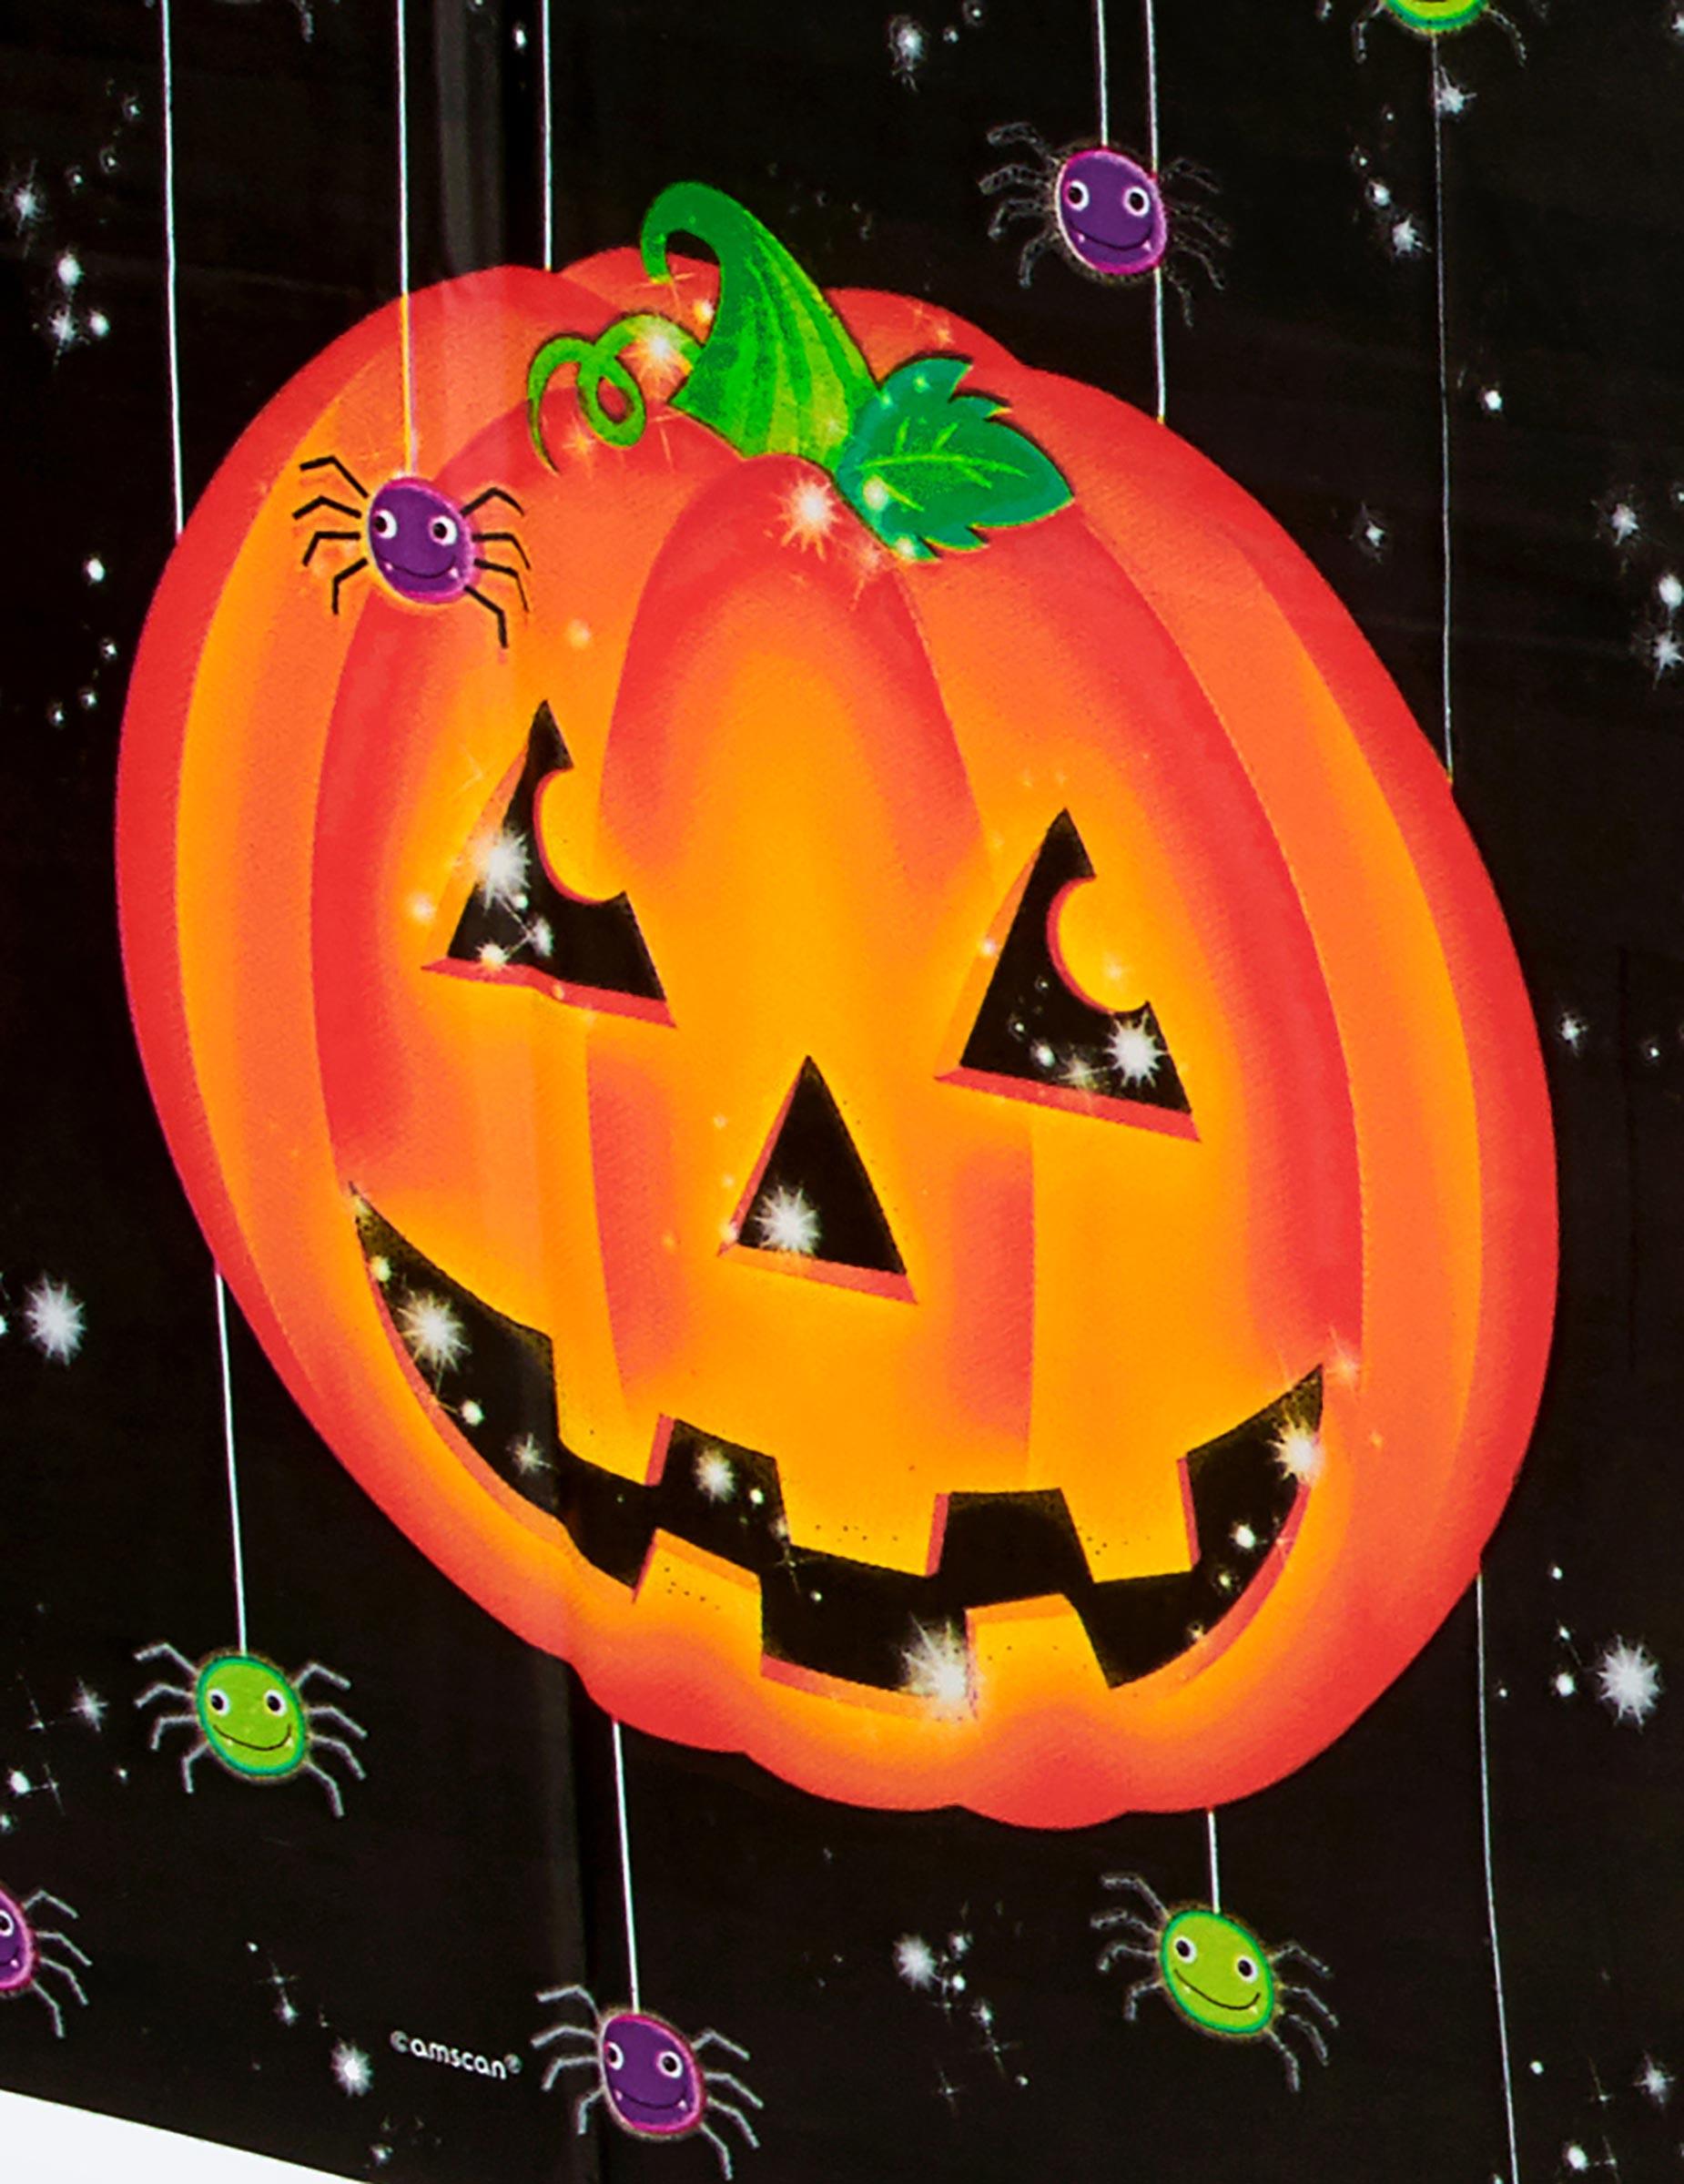 Mantel de plstico calabazas Halloween Decoraciny disfraces